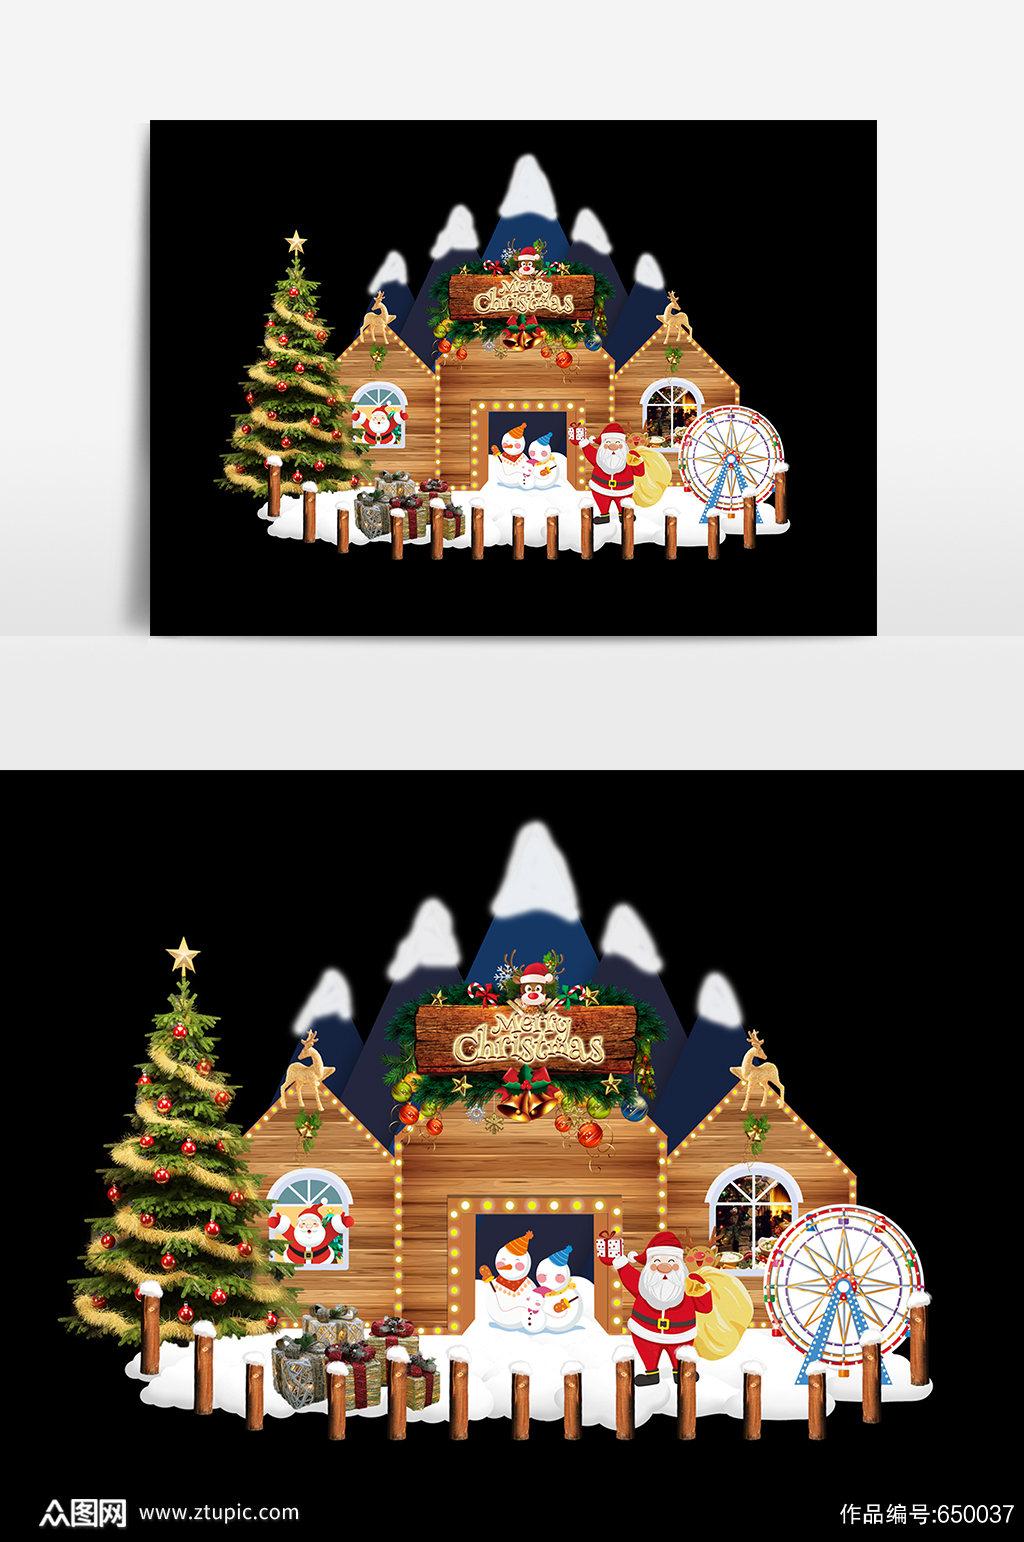 圣诞节小屋美陈设计素材